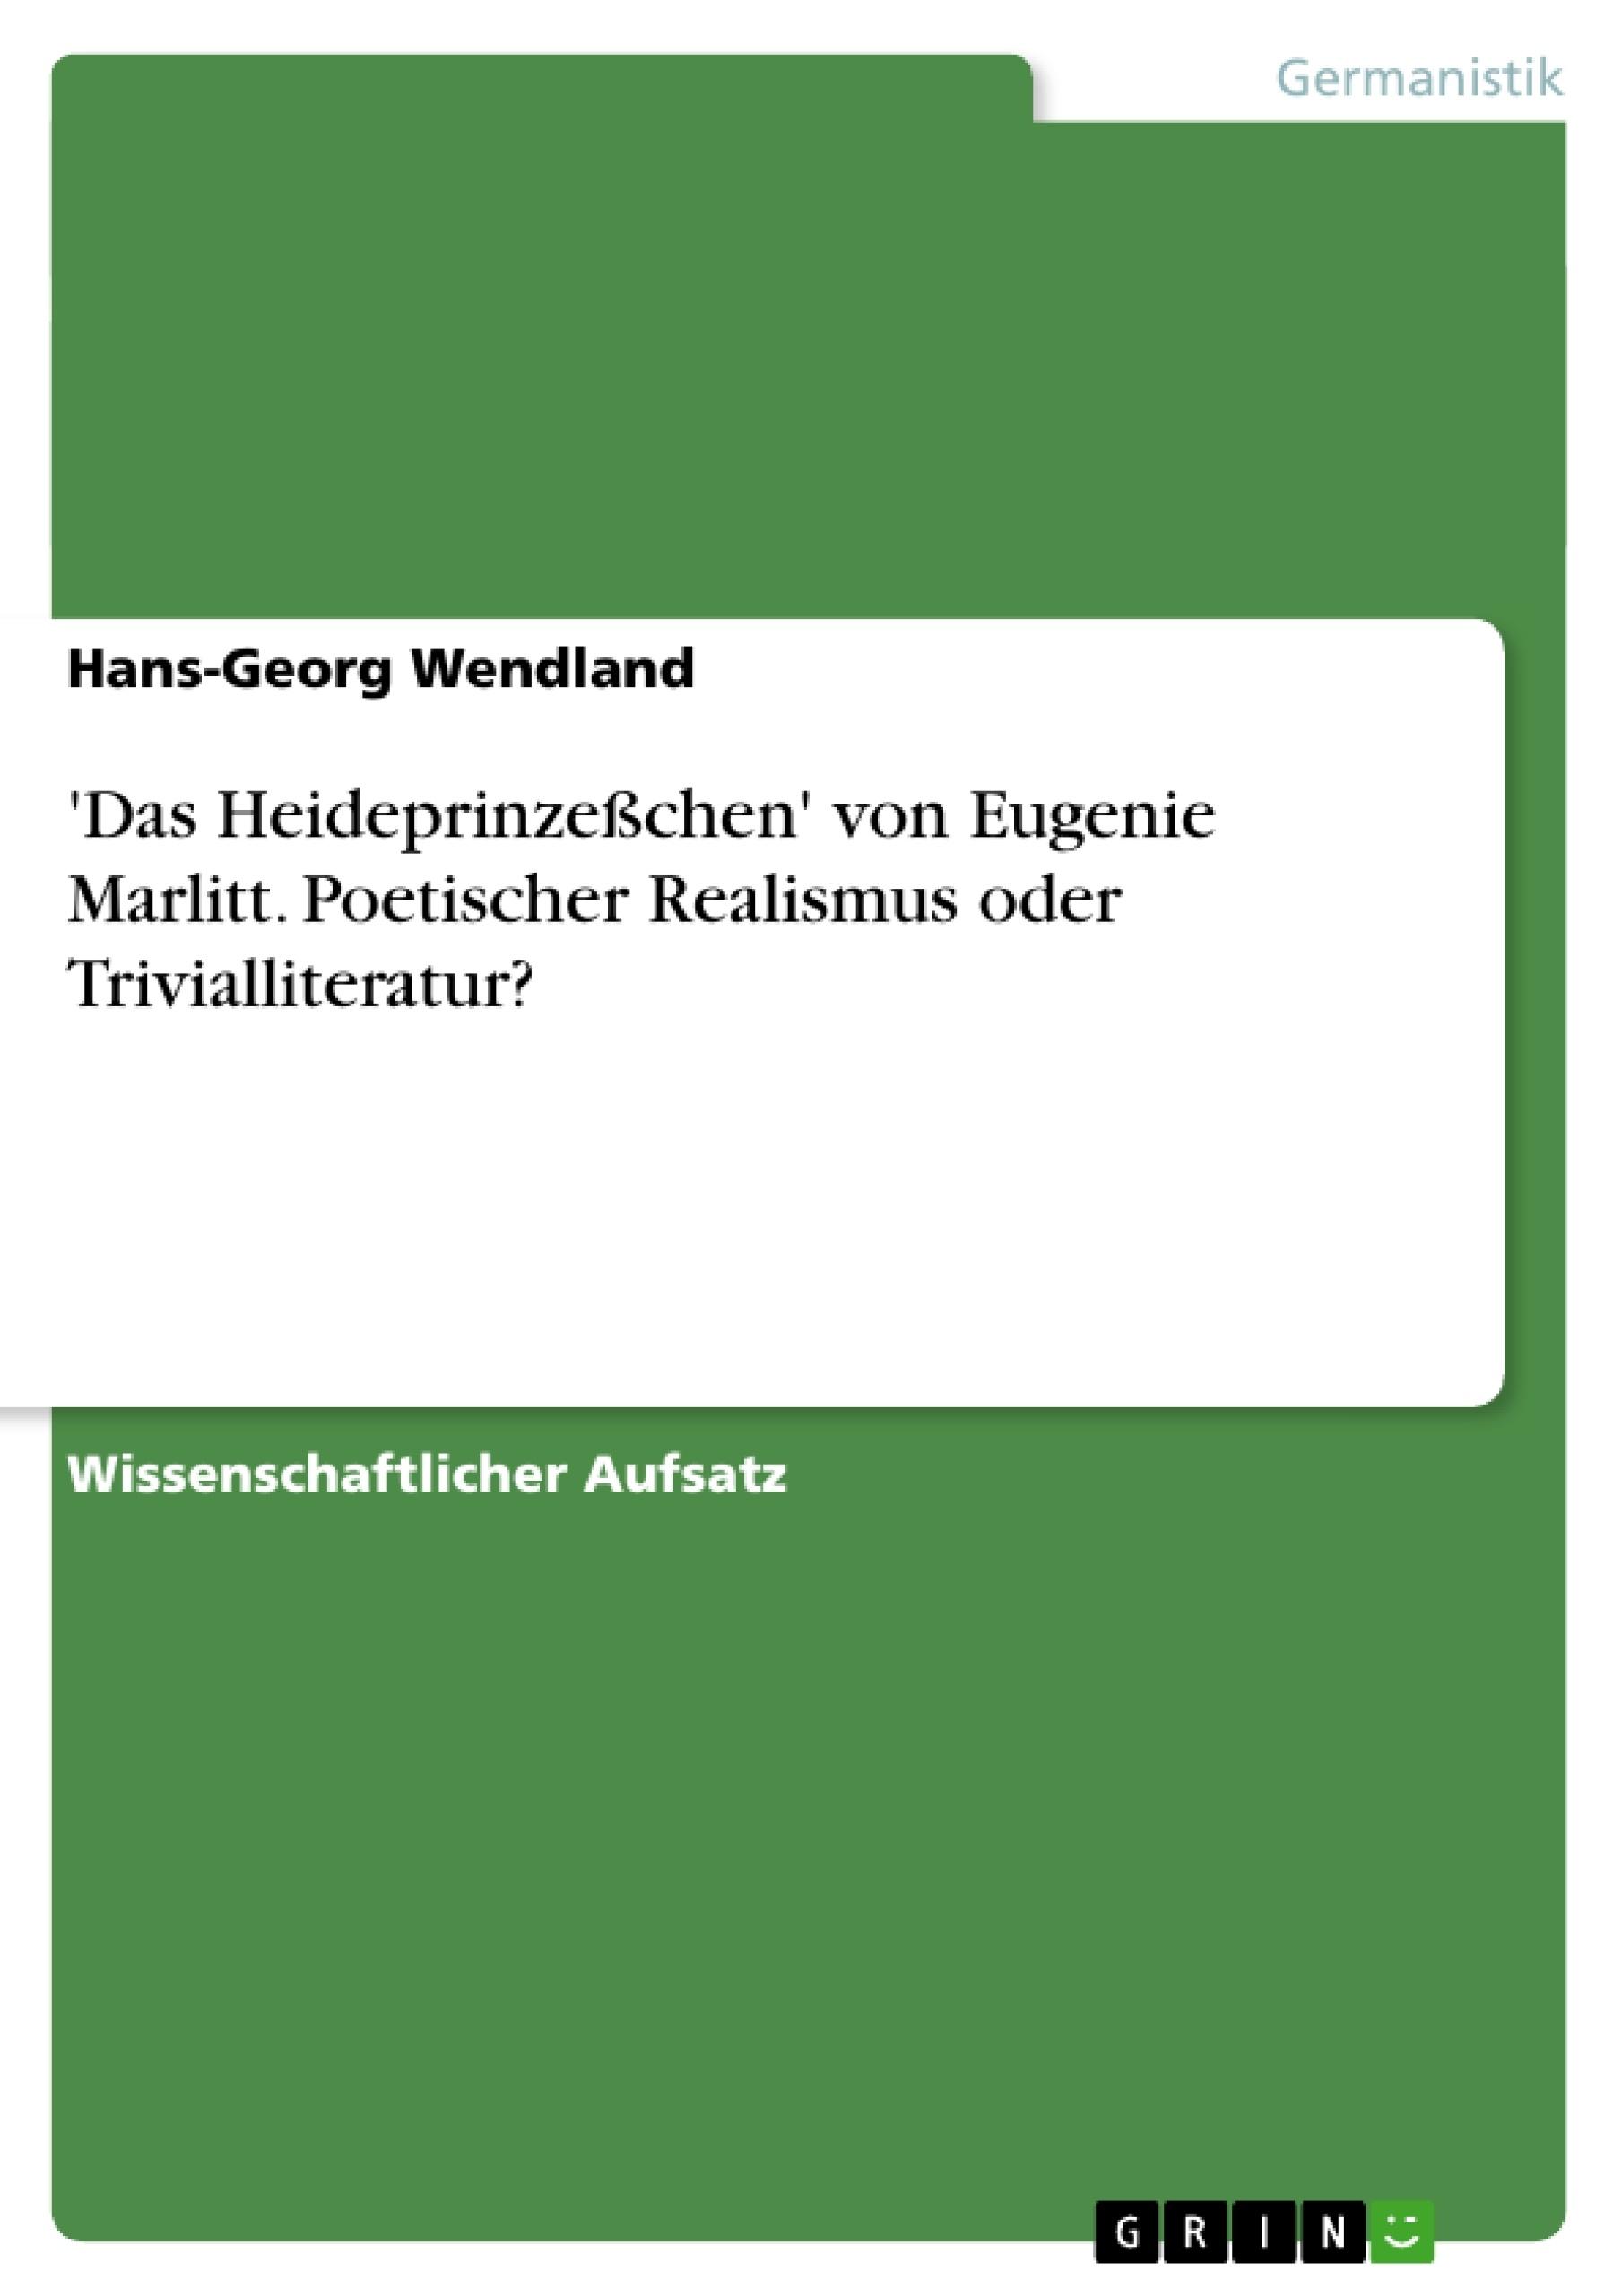 Titel: 'Das Heideprinzeßchen' von Eugenie Marlitt. Poetischer Realismus oder Trivialliteratur?